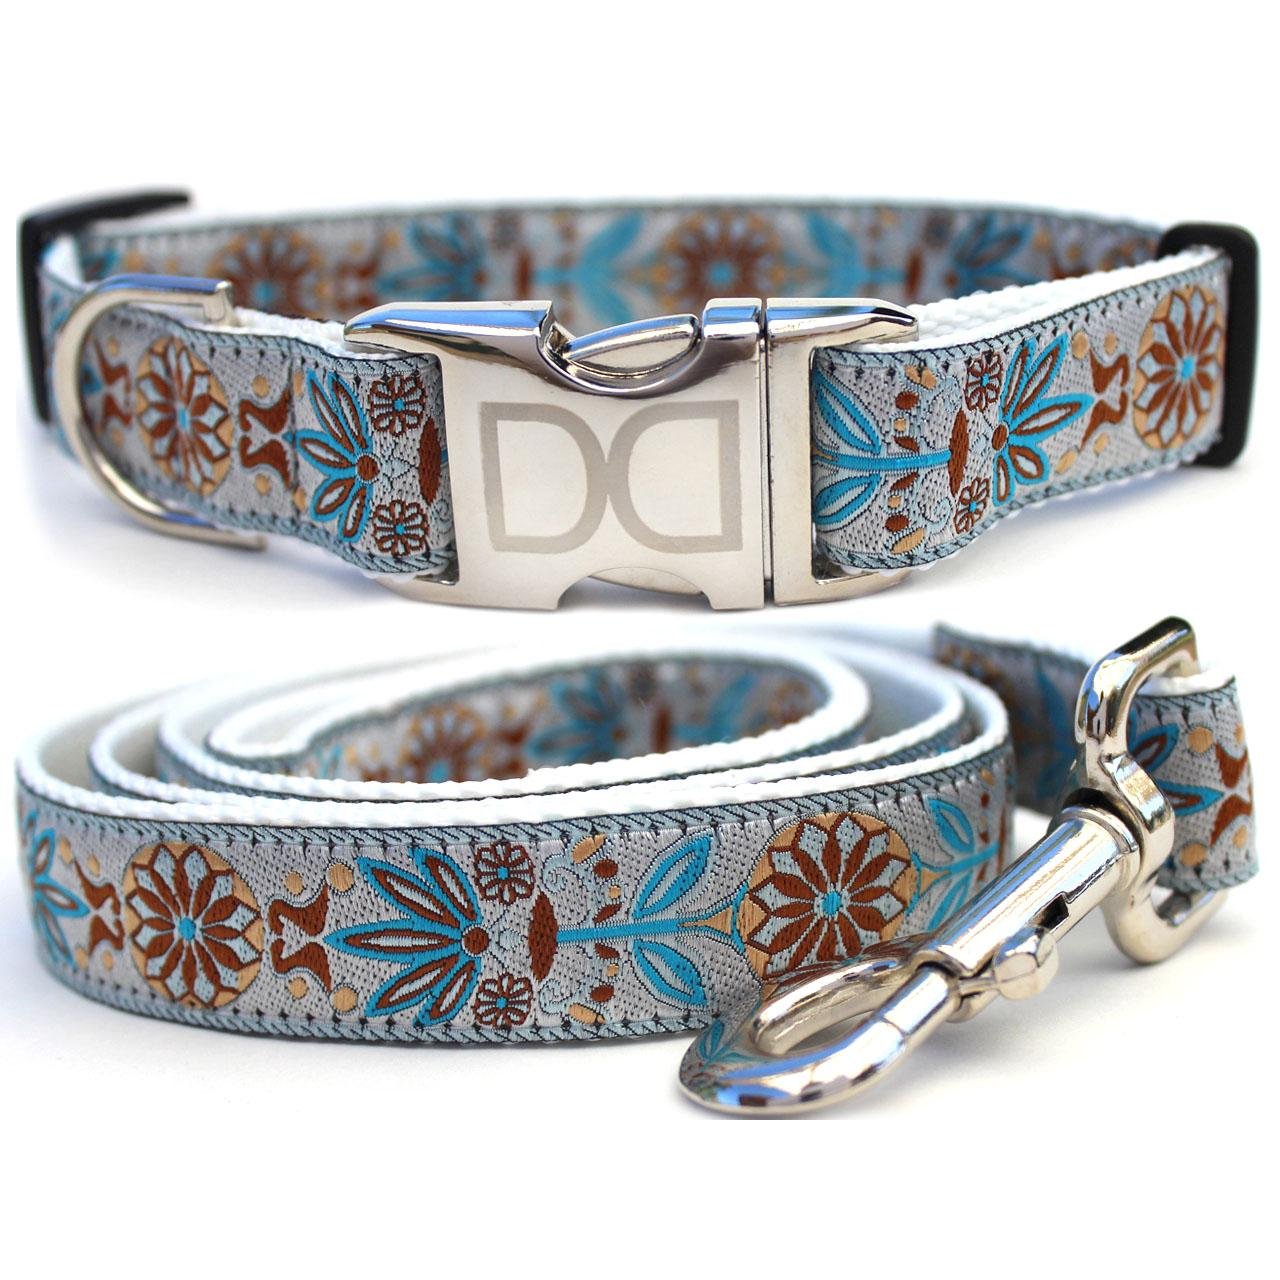 Boho Morocco Dog Collar and Leash Set by Diva Dog